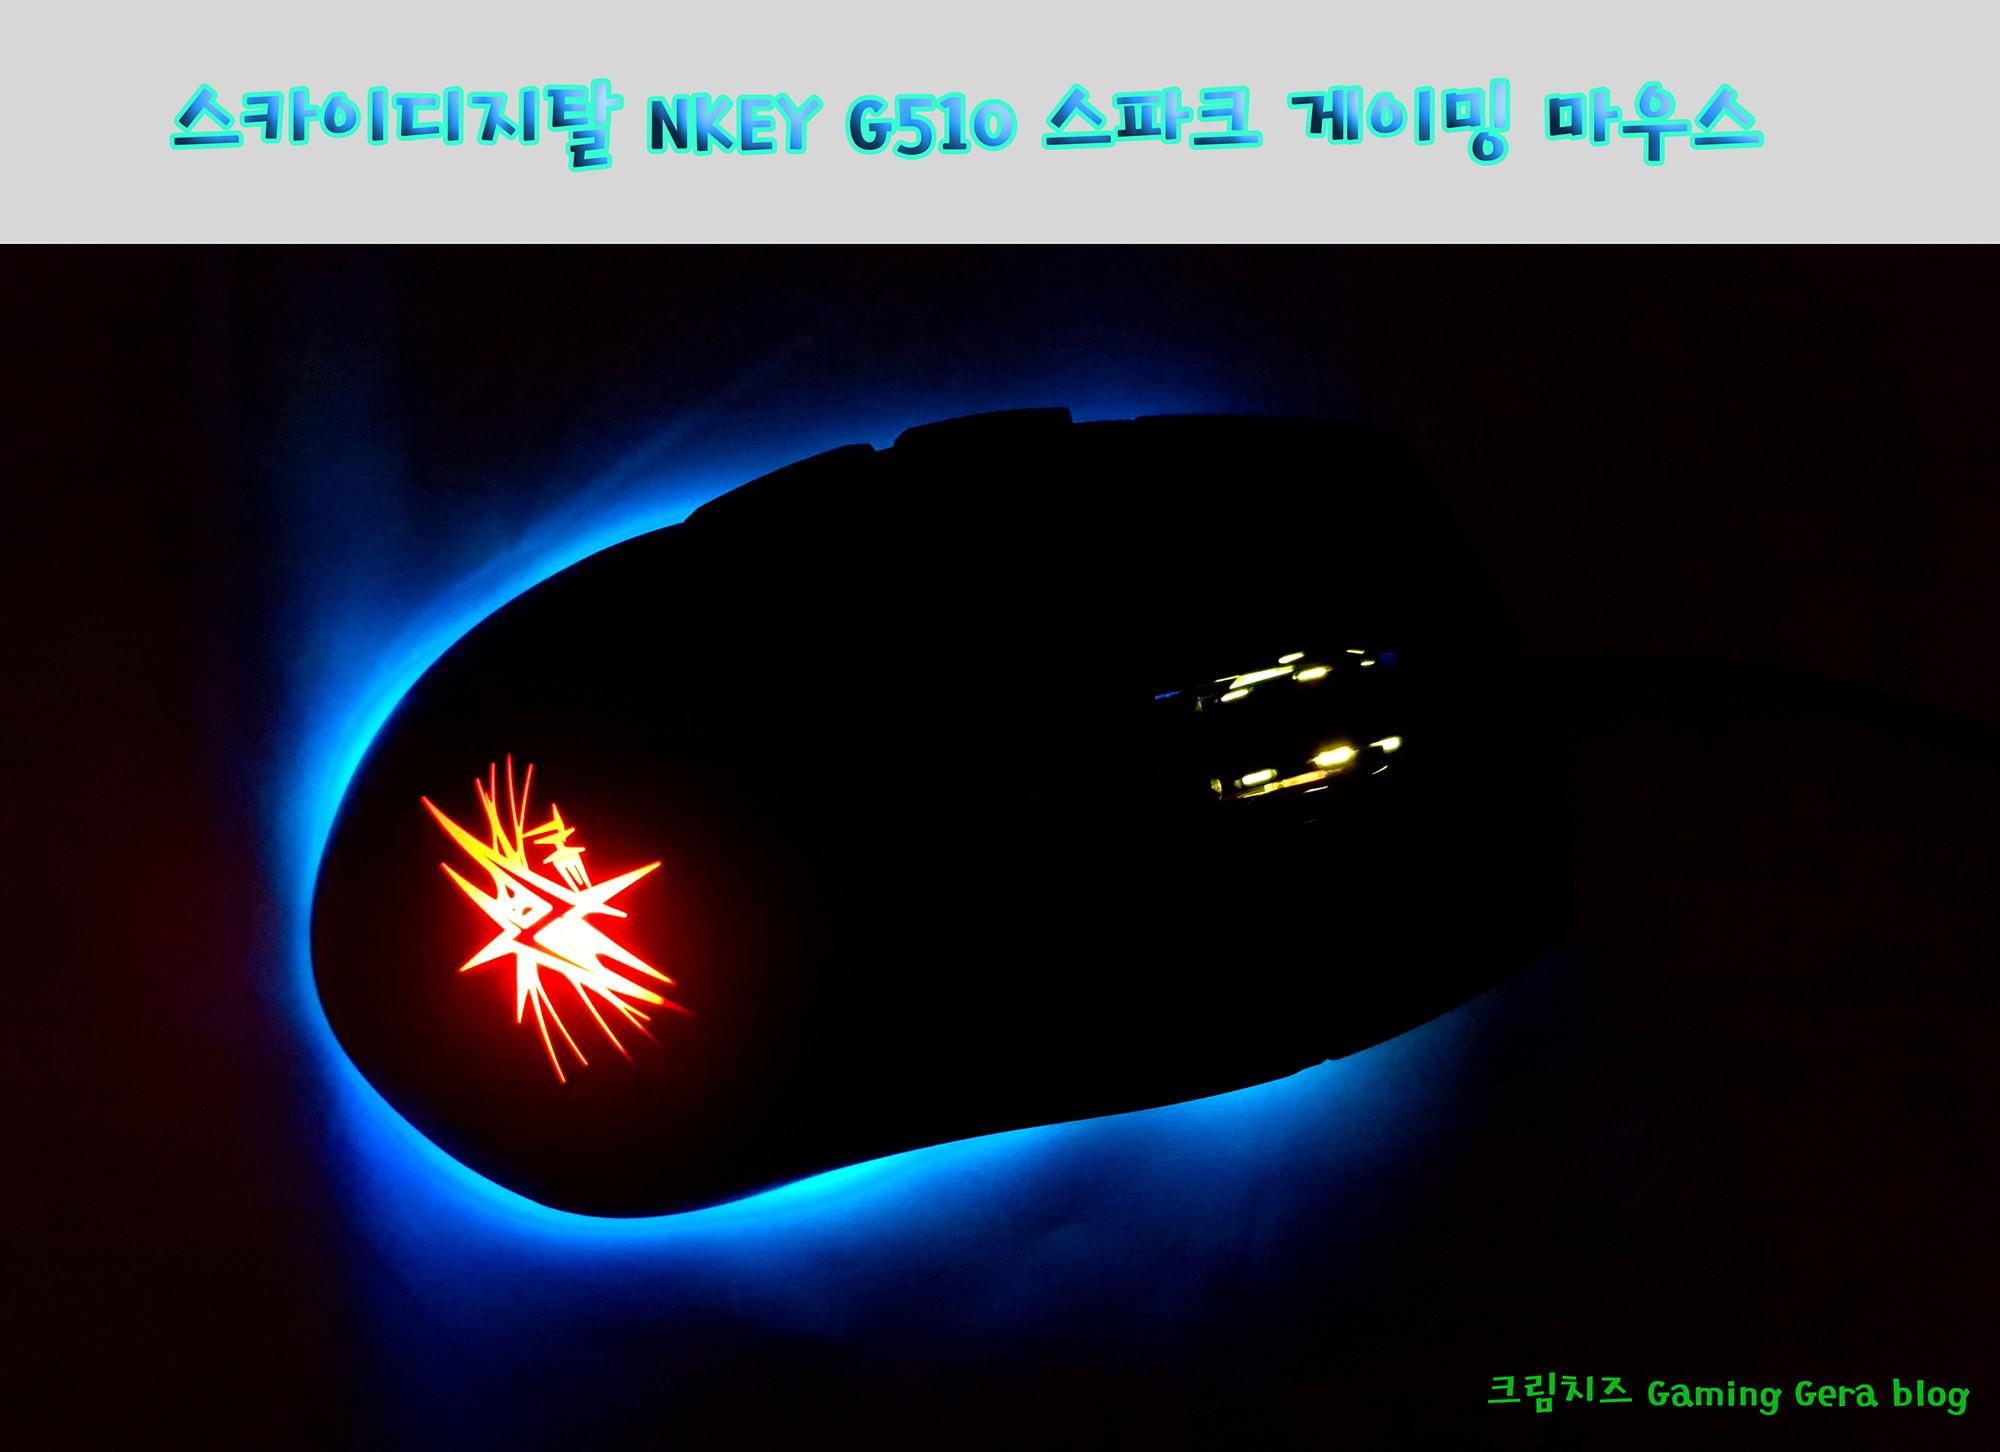 [화려한 LED, 안정적인 그립감] 스카이디지탈 NKEY G510 스파크 리뷰